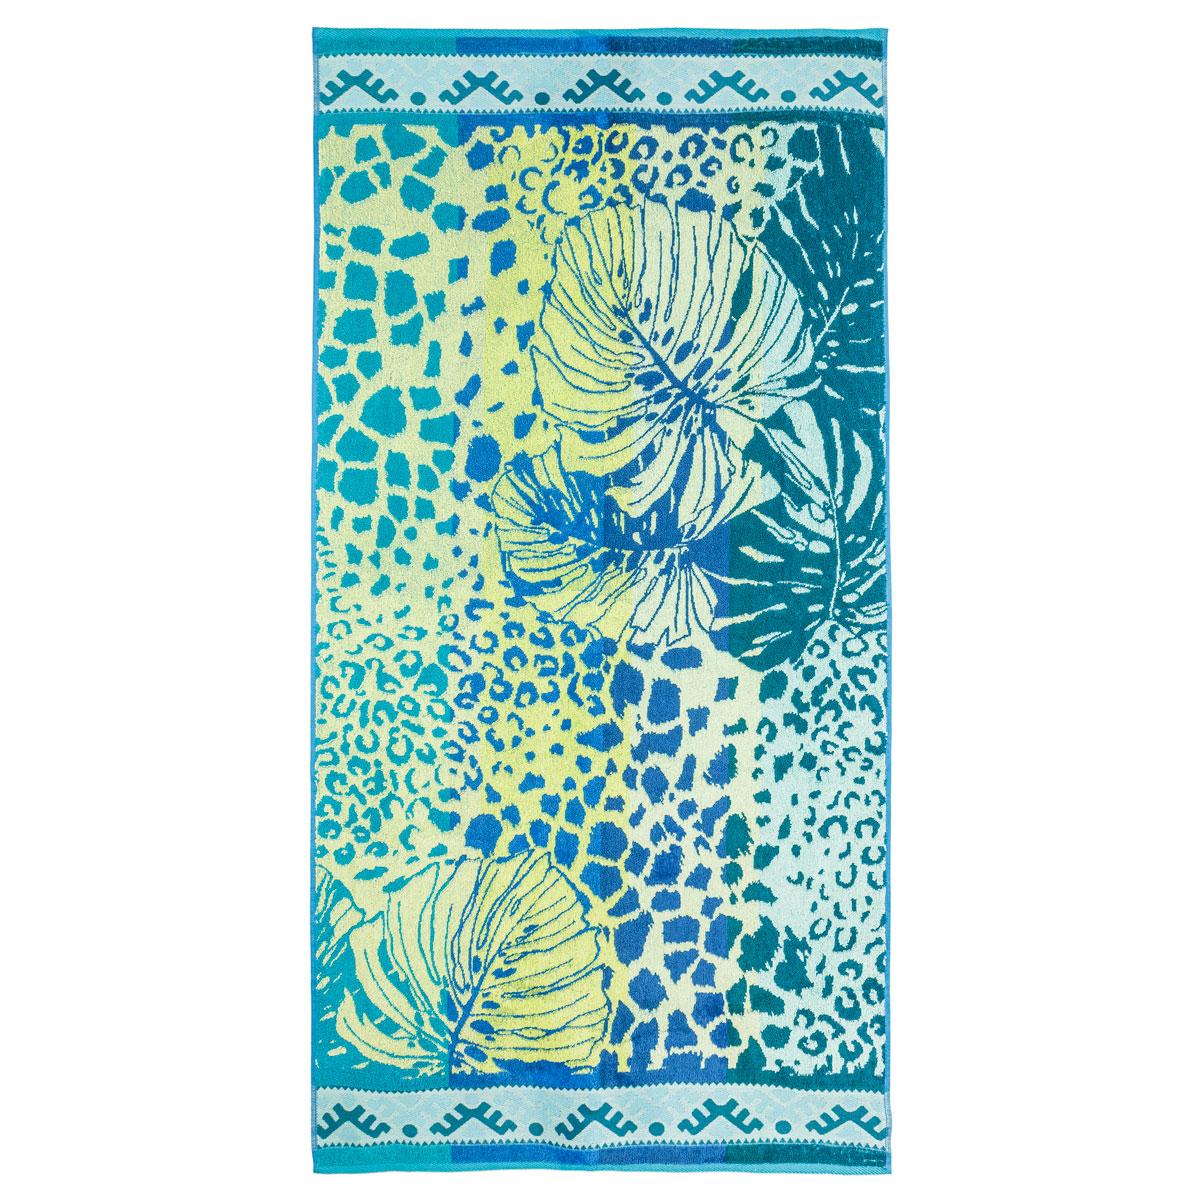 Полотенце Тропики р. 70х140Махровые полотенца<br><br><br>Тип: Полотенце<br>Размер: 70х140<br>Материал: Махра